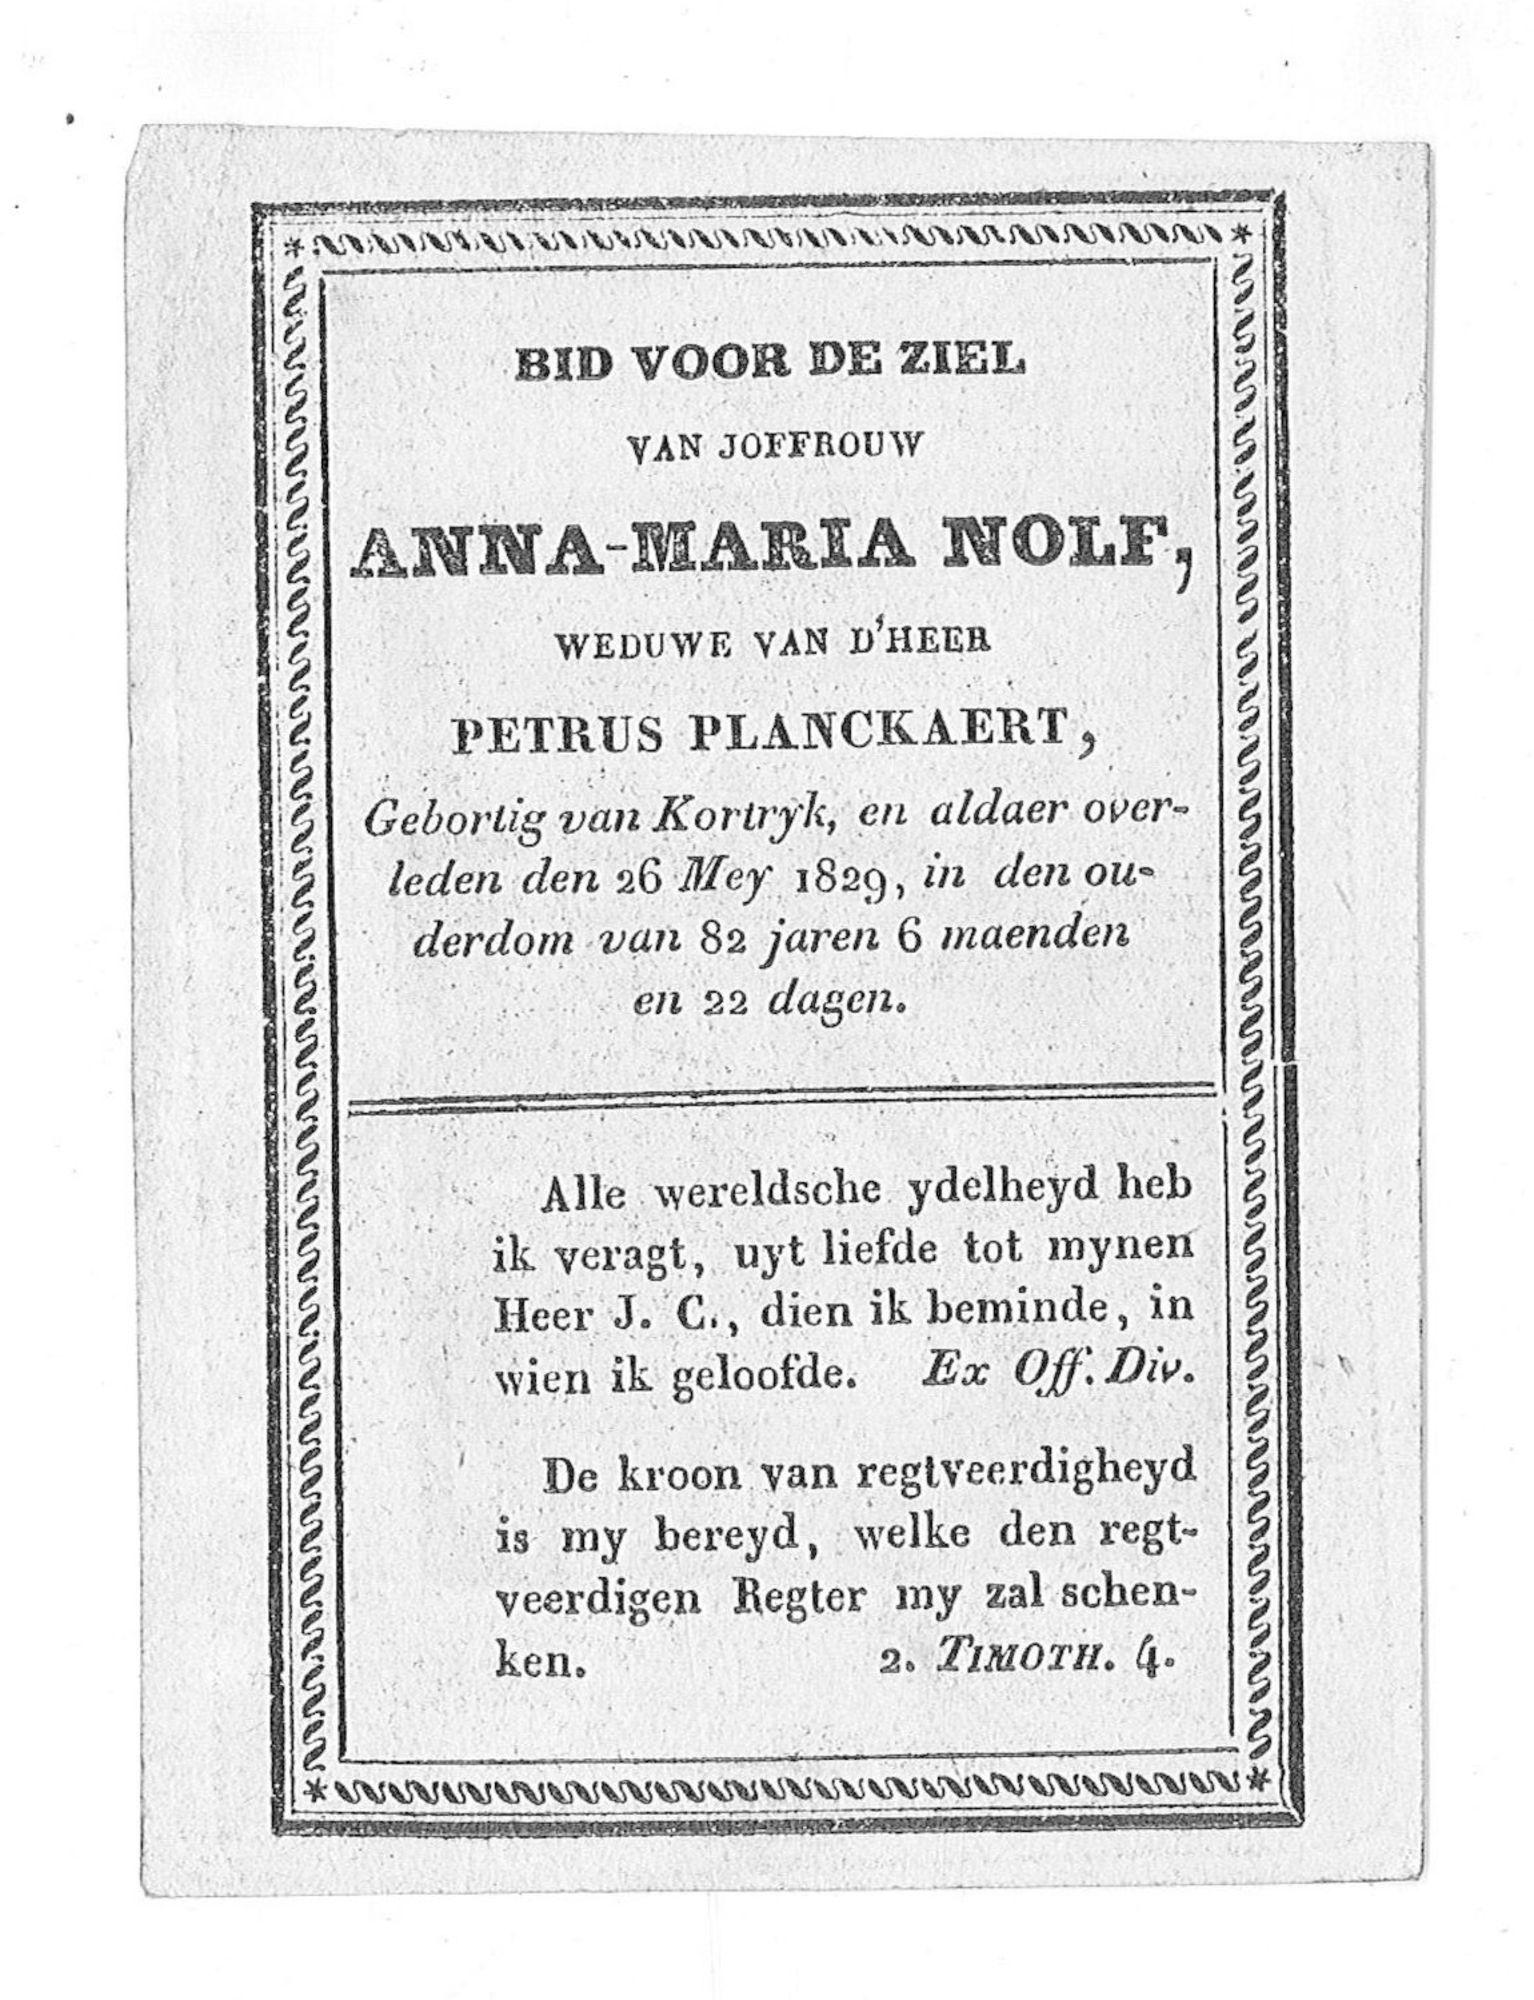 Anna-Maria Nolf